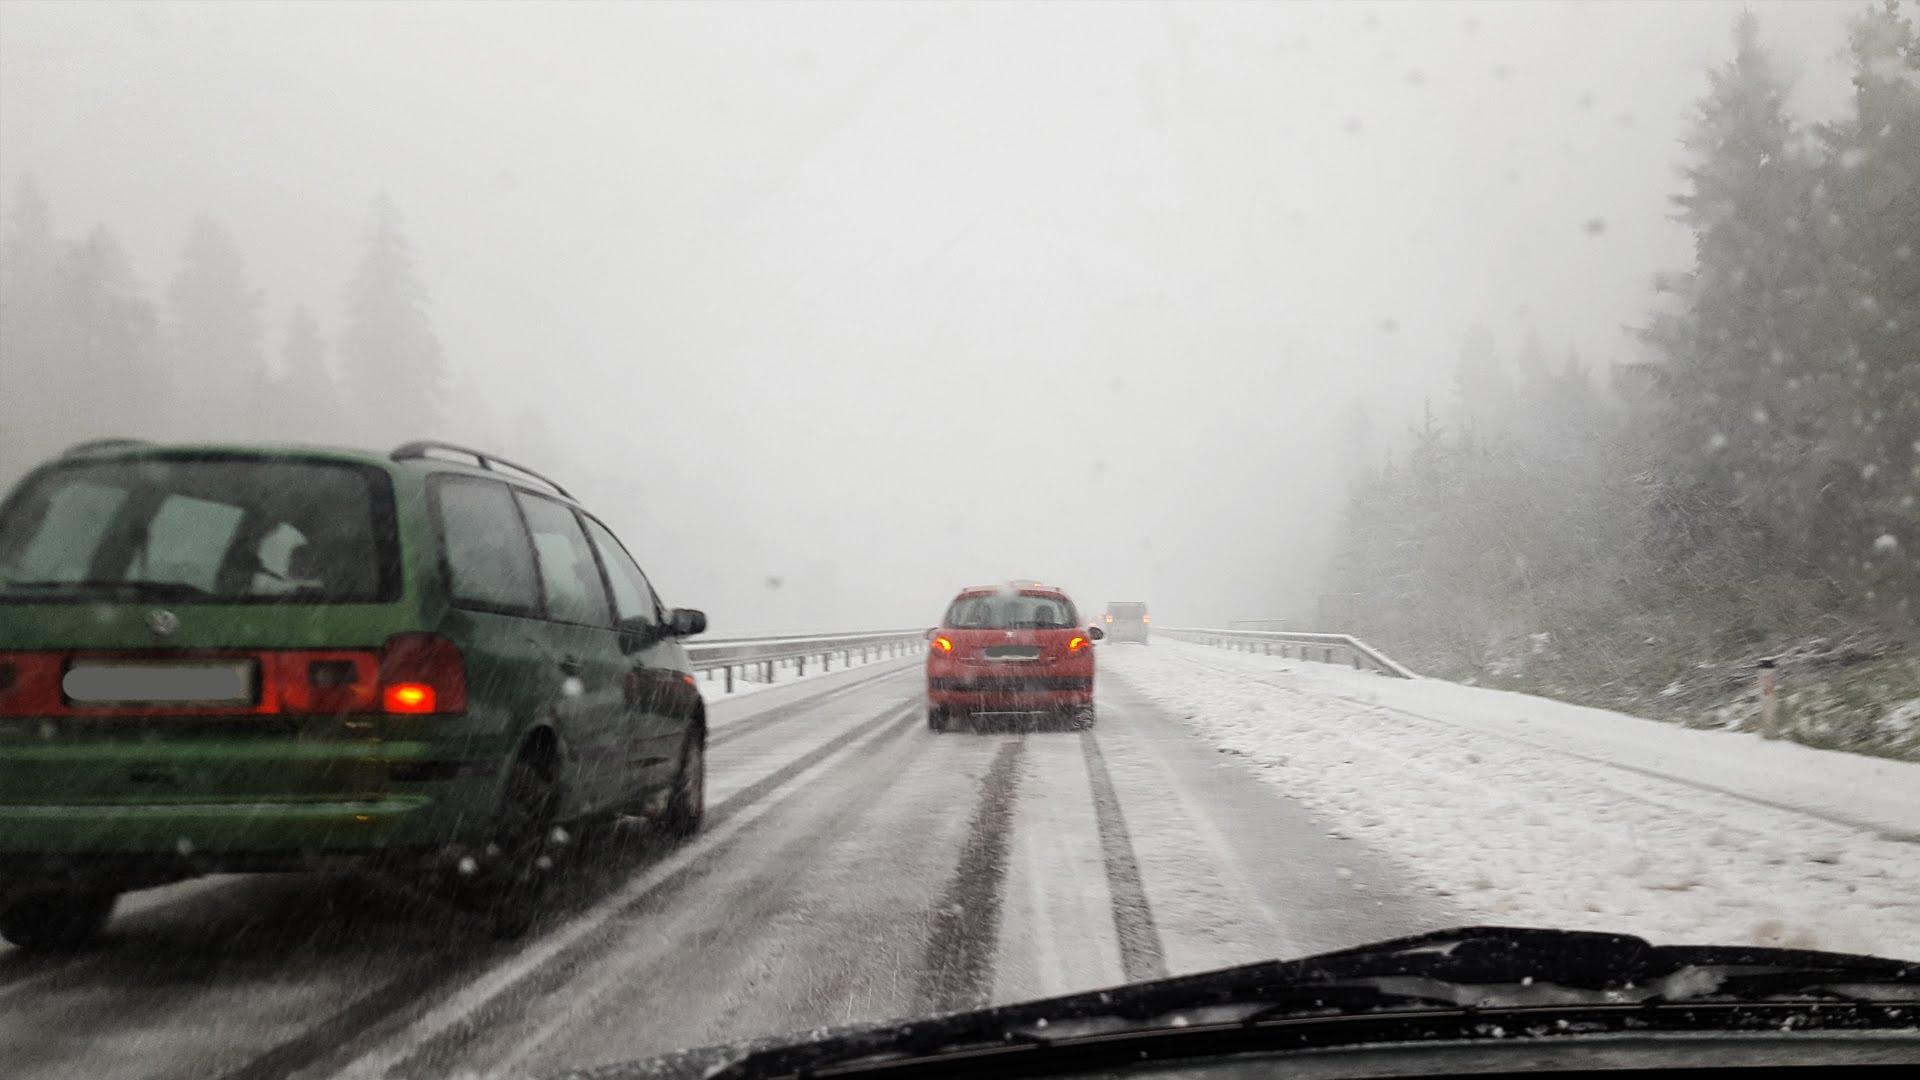 BIJELO PROLJEĆE: Snijeg paralizirao Sloveniju, prijeti izlijevanje rijeka i poplave, proglašena opasnost od lavina